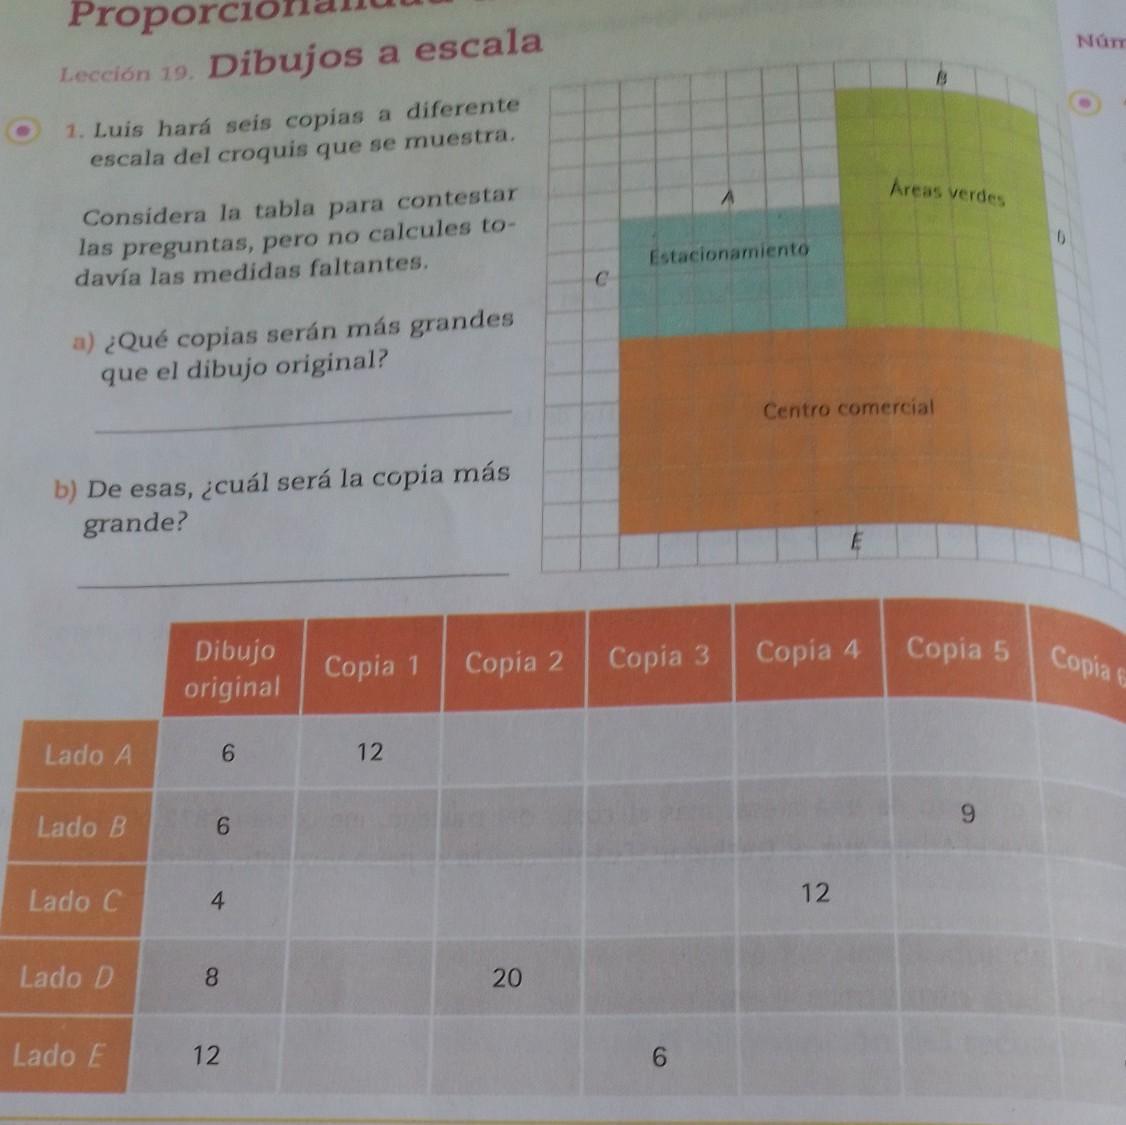 Respuestas De La Pagina 52 Del Libro De Matematicas 1 De Secundaria Brainly Lat